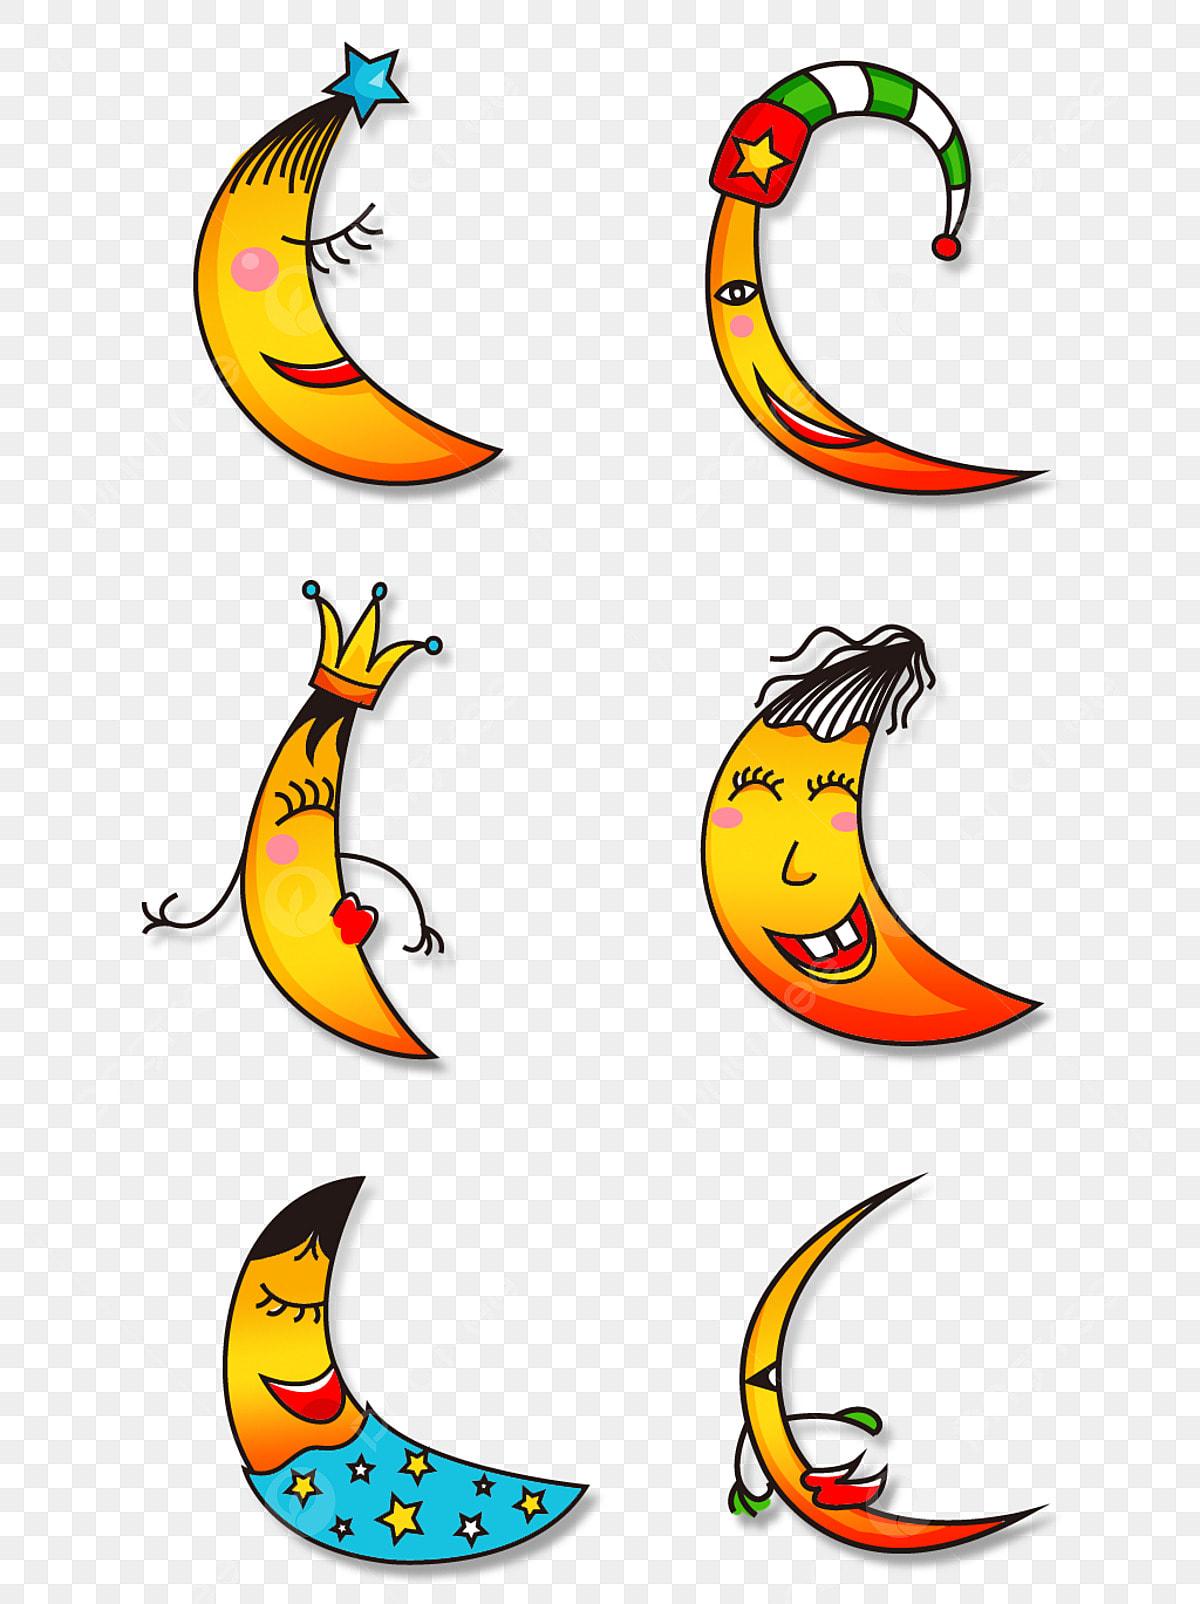 Cartoon Cute Expression Sun Moon Element, Cute Cartoon ...